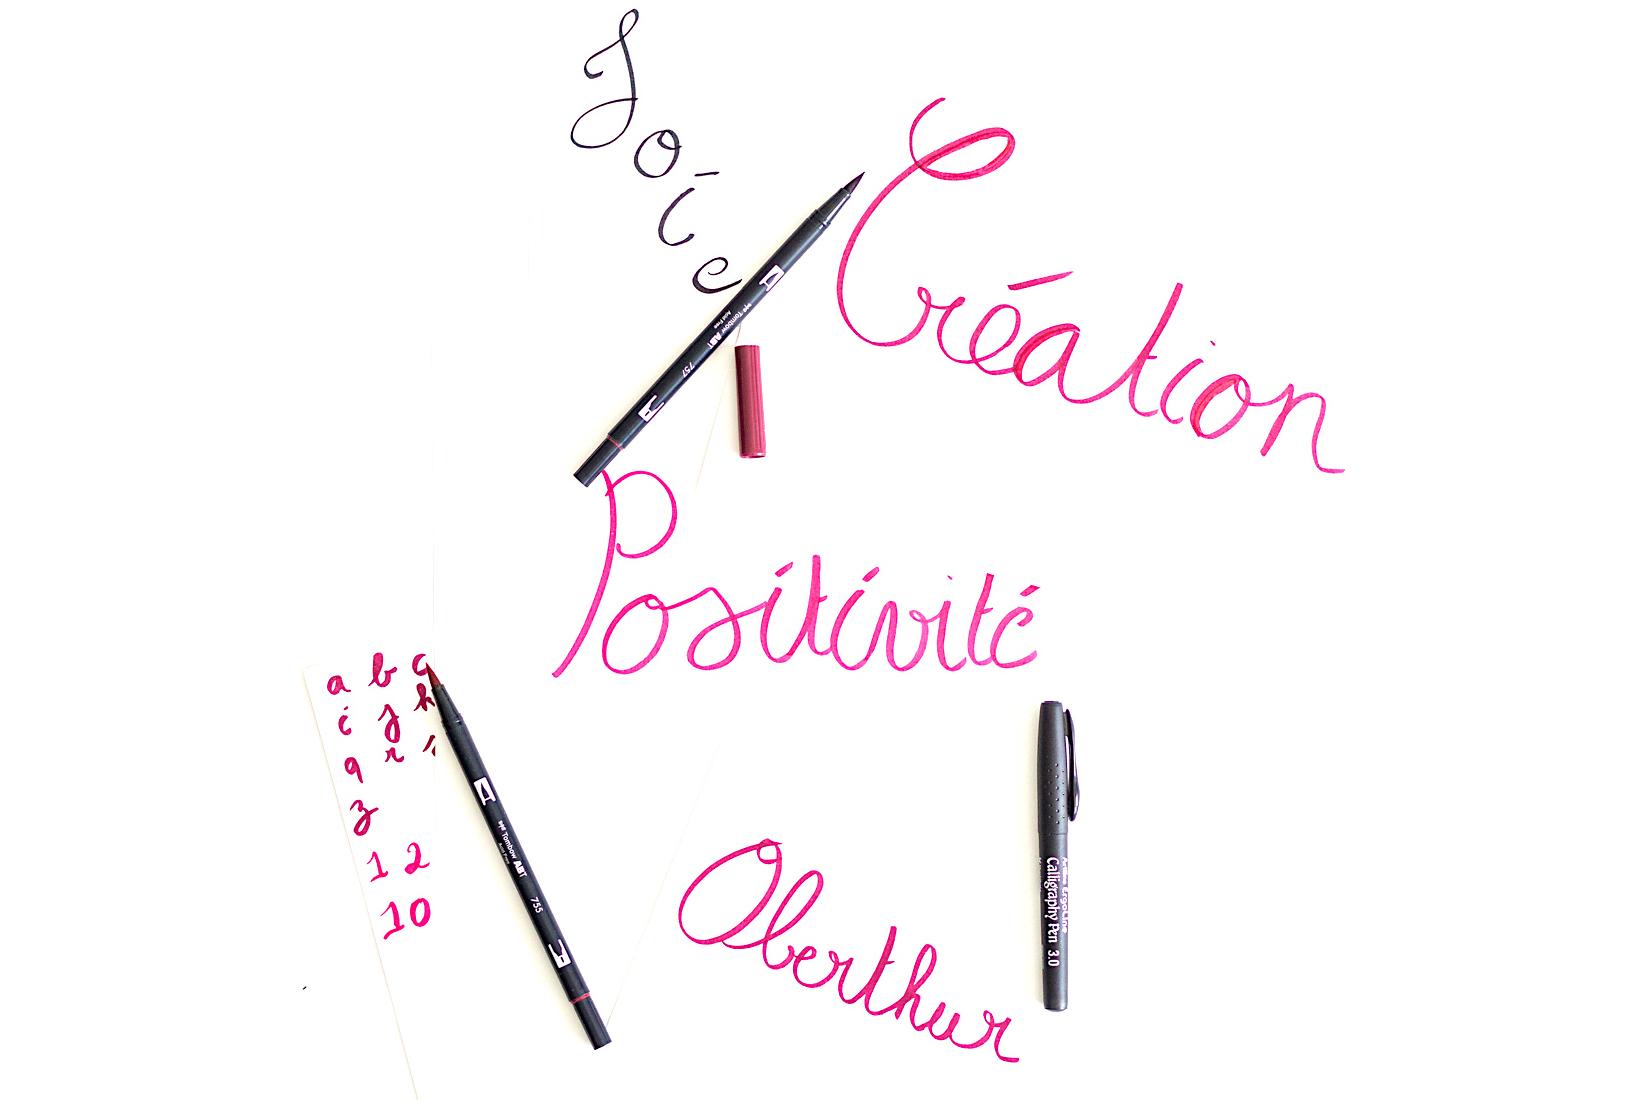 methode2-brushpen-rose-violet-noir-flatlay-calligraphie-hand lettering-tutoriel-oberthur-blog-rennes-lifestyle